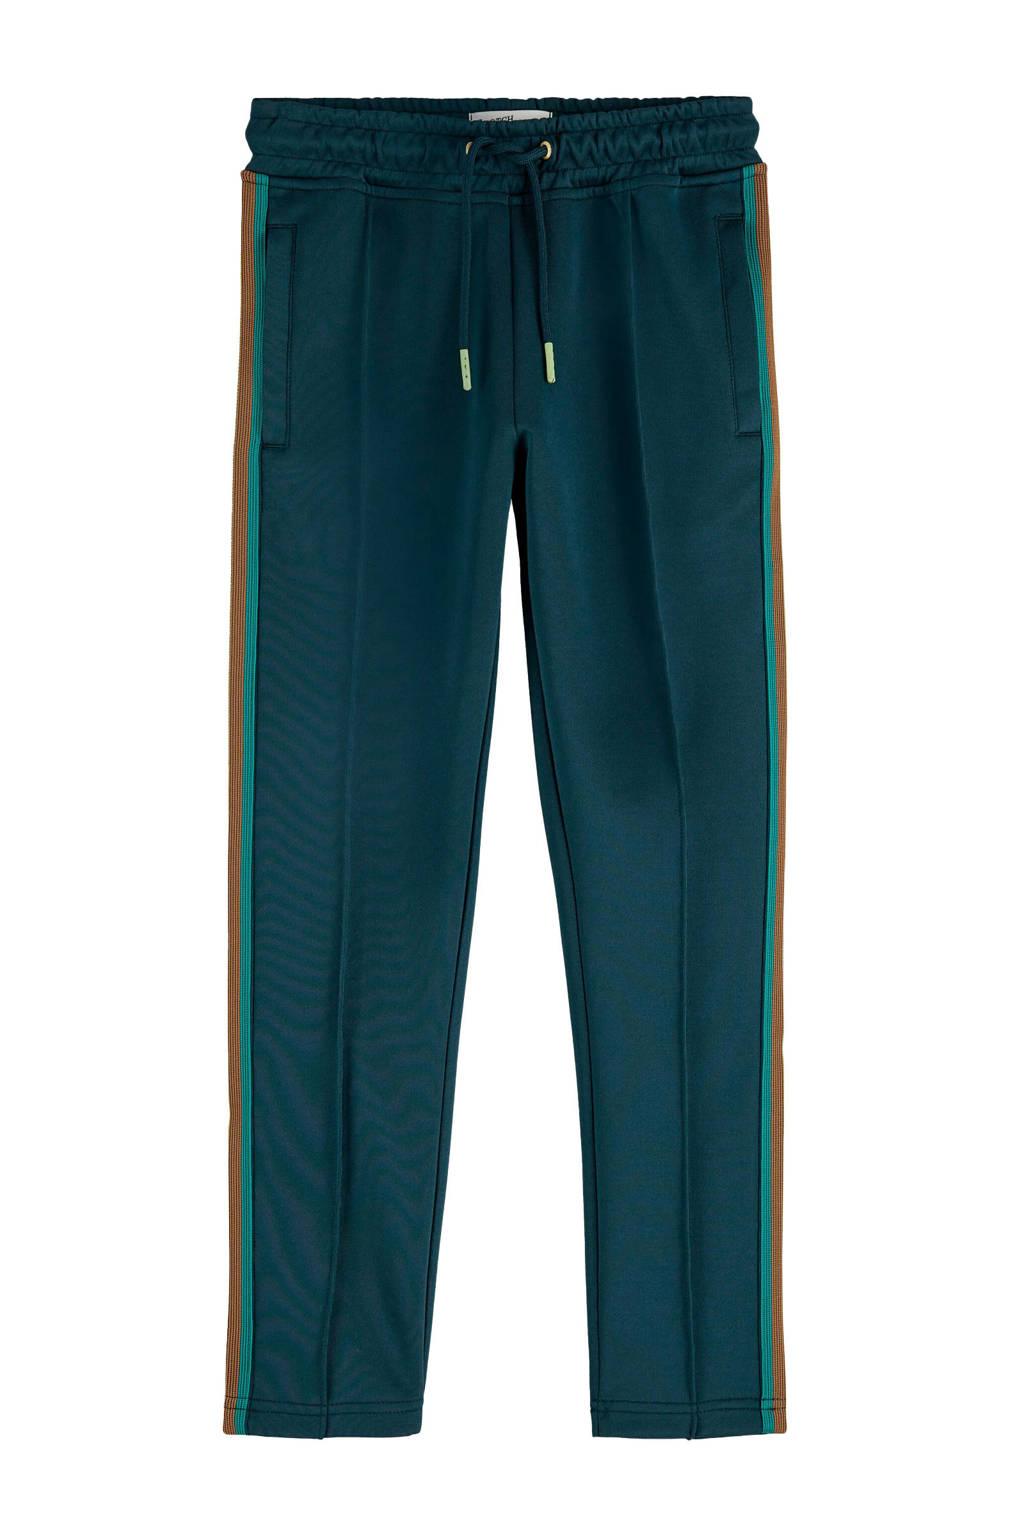 Scotch & Soda slim fit broek met zijstreep donkergroen/groen/bruin, Donkergroen/groen/bruin